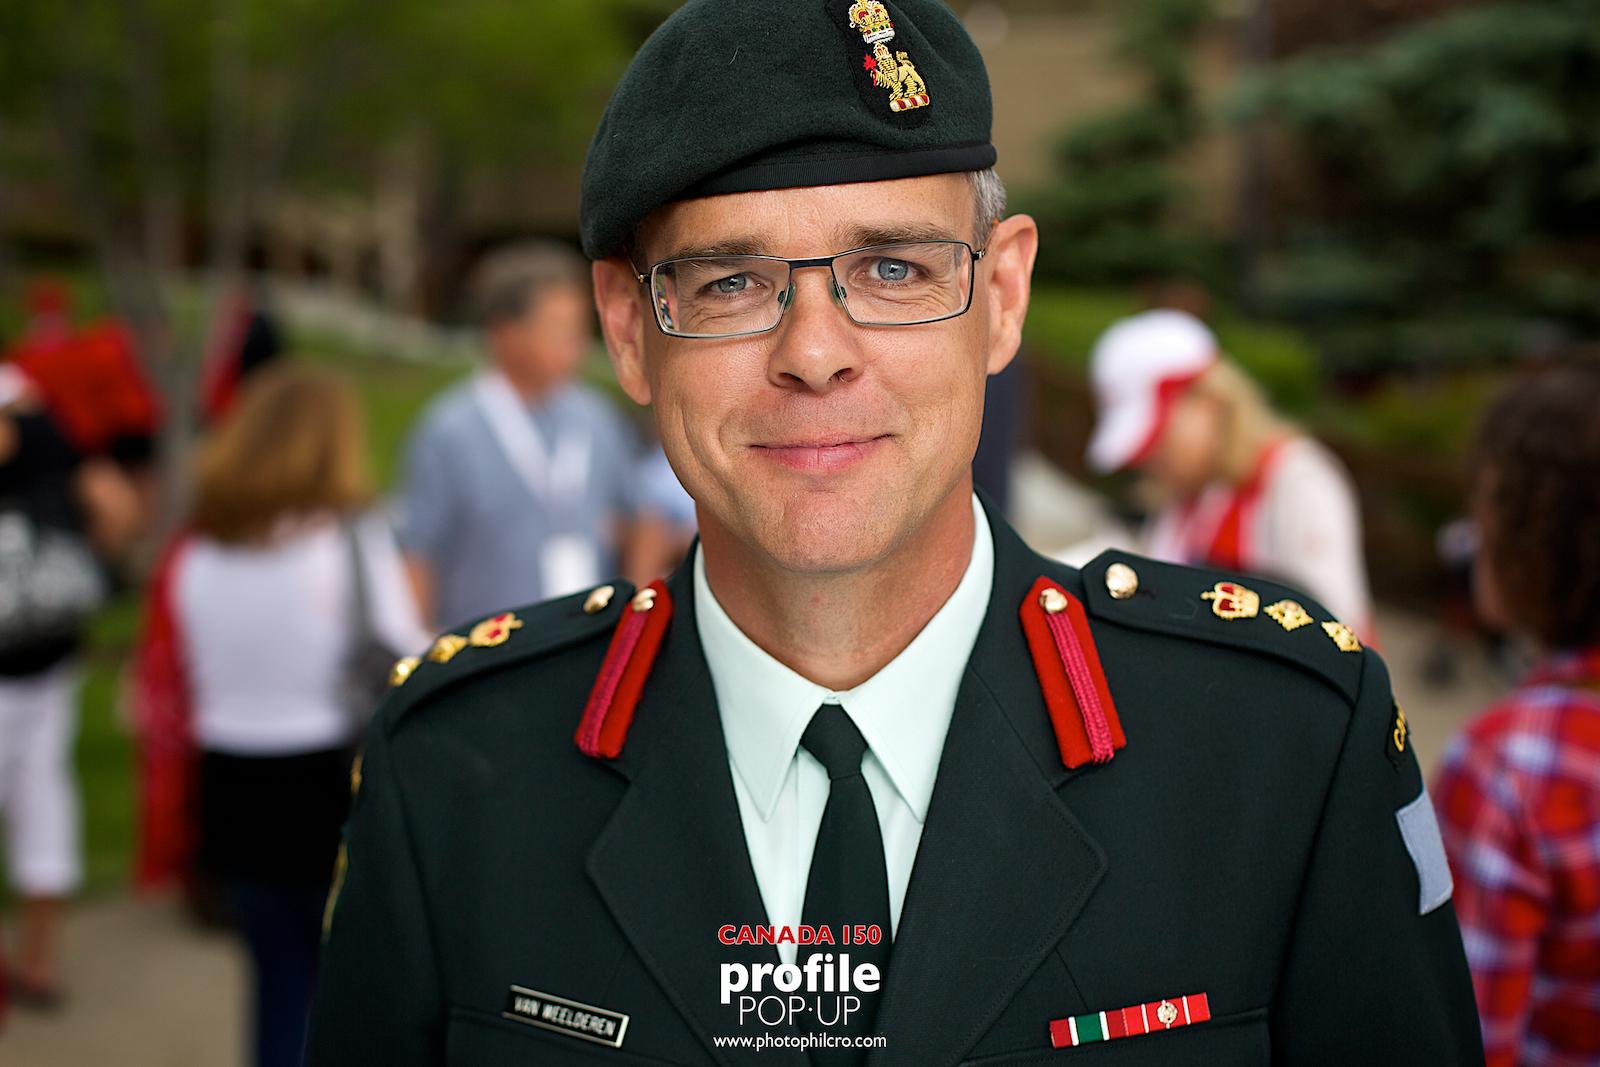 ProfilePopup_Canada150_Facebook 088.jpg